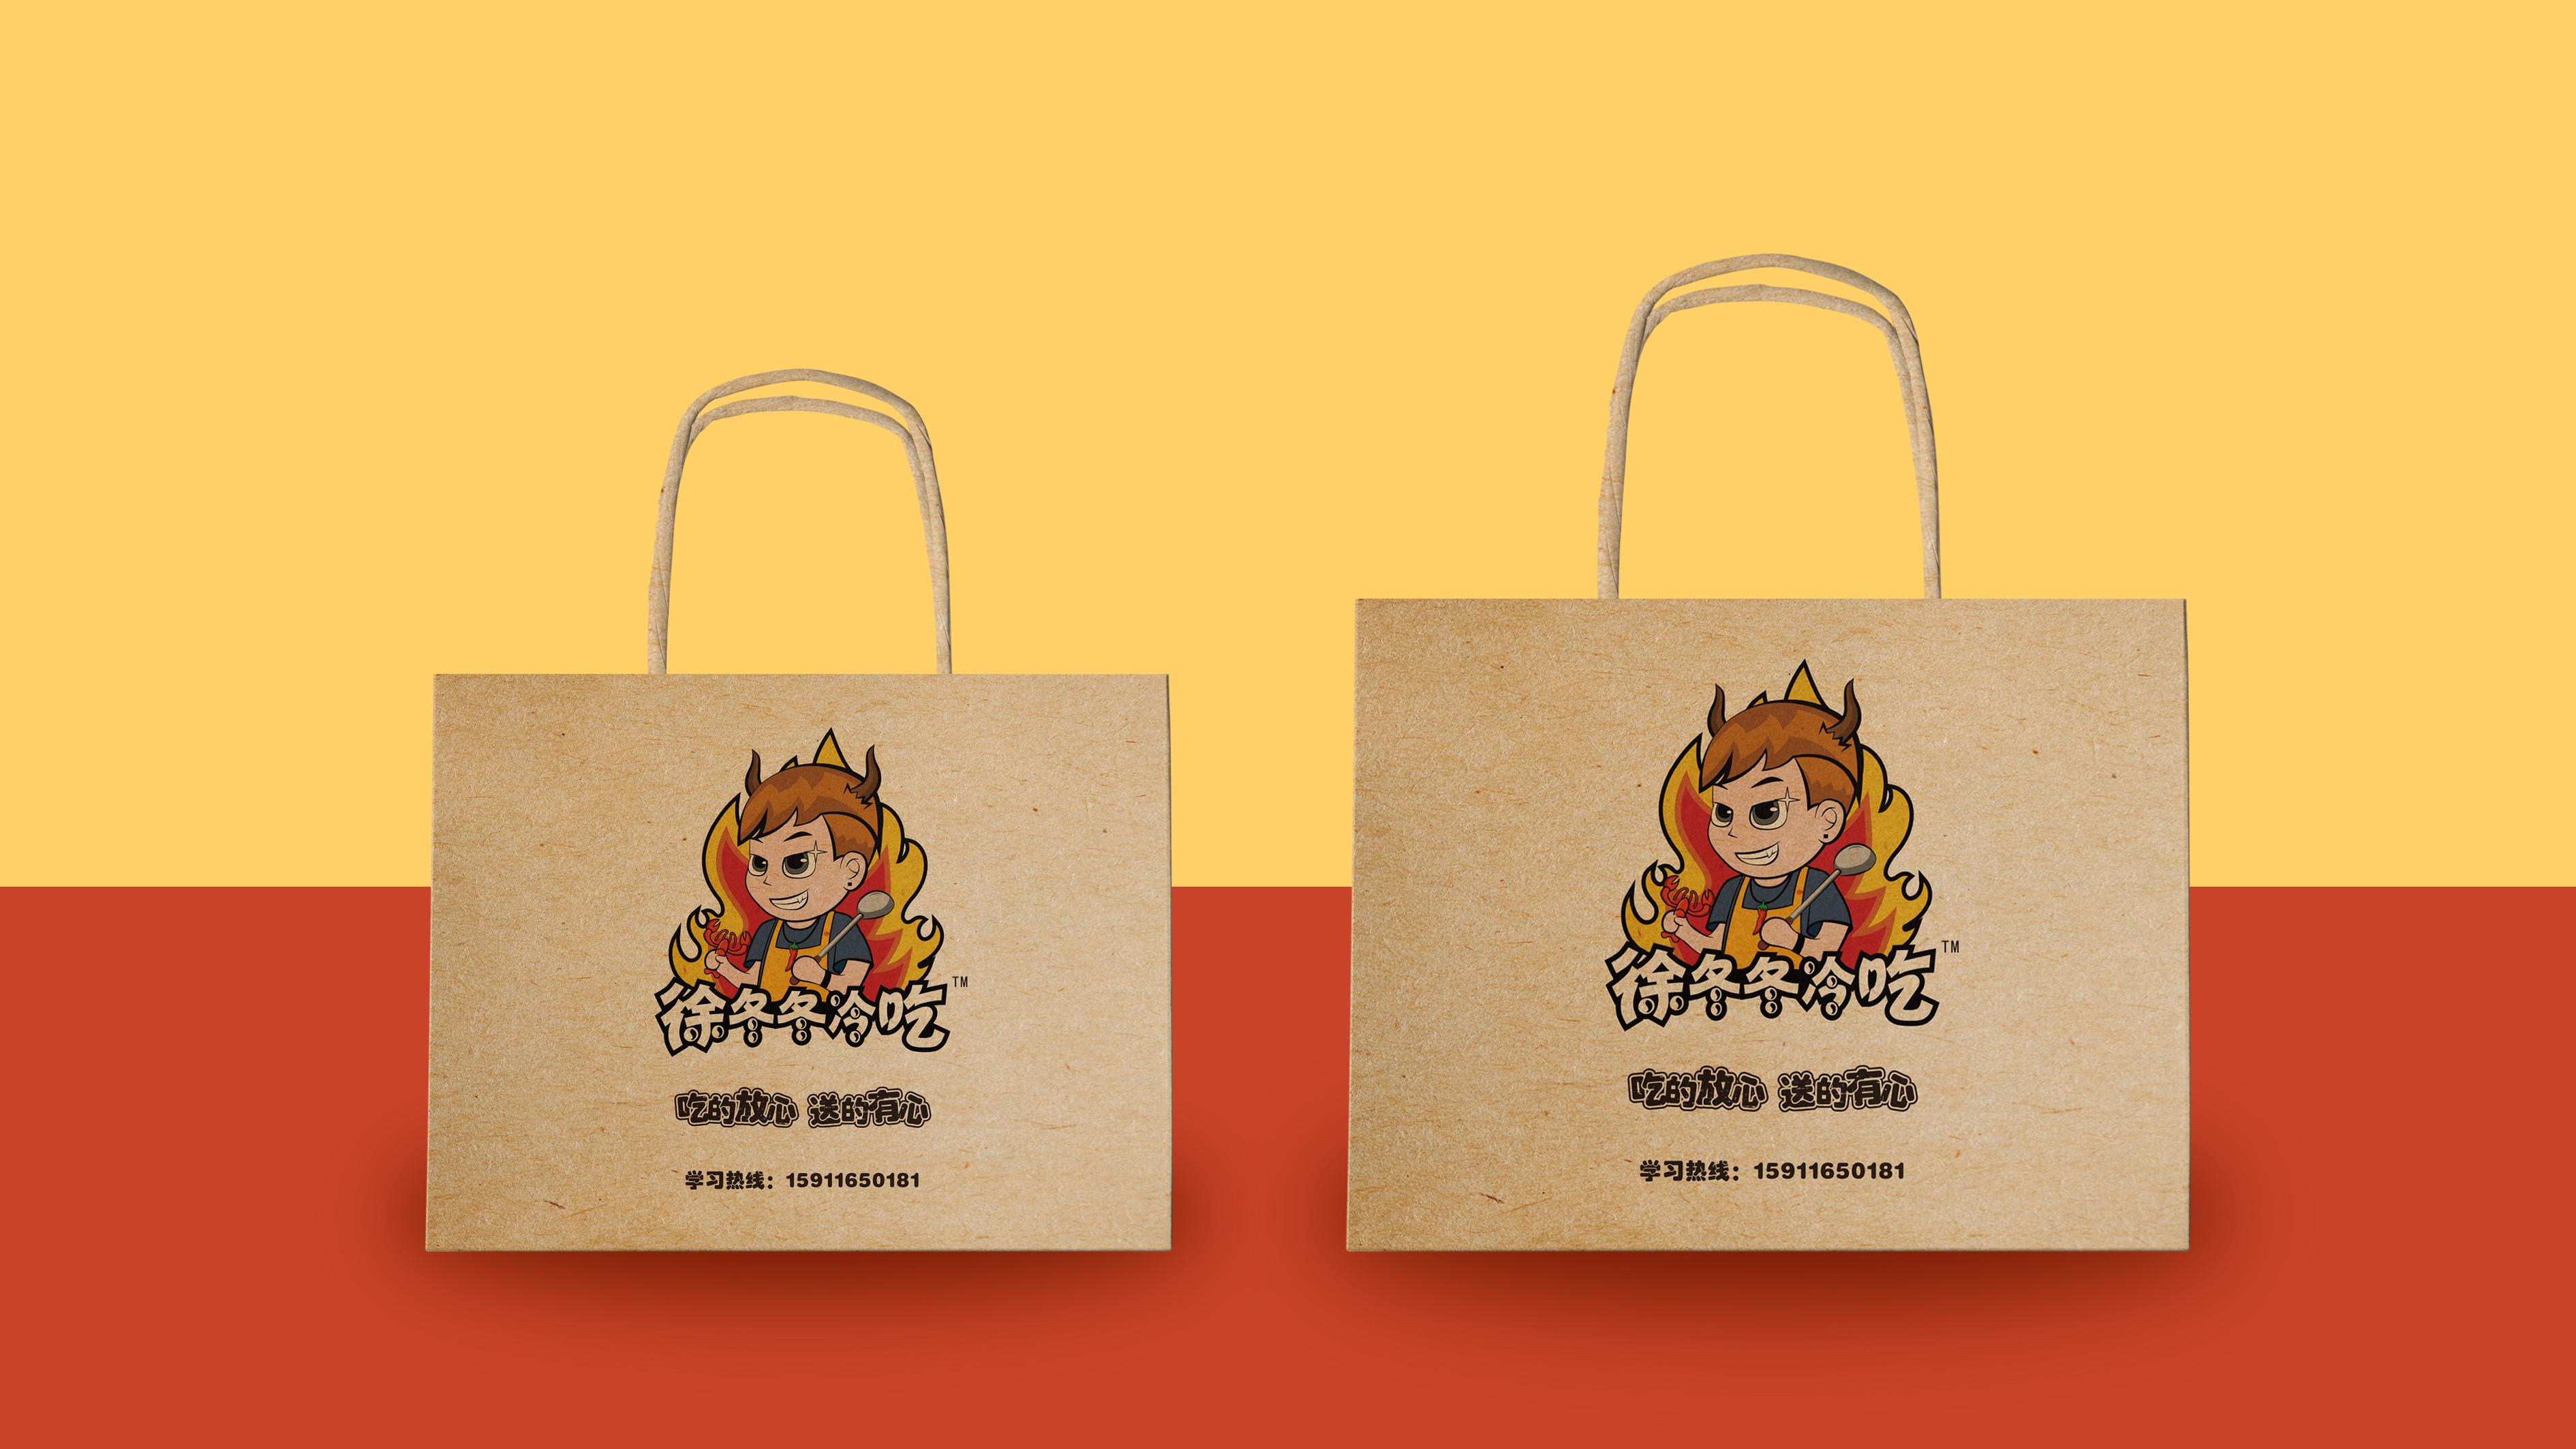 壹景高端创意包装设计零食酒水食品餐饮农产品手提袋包装设计